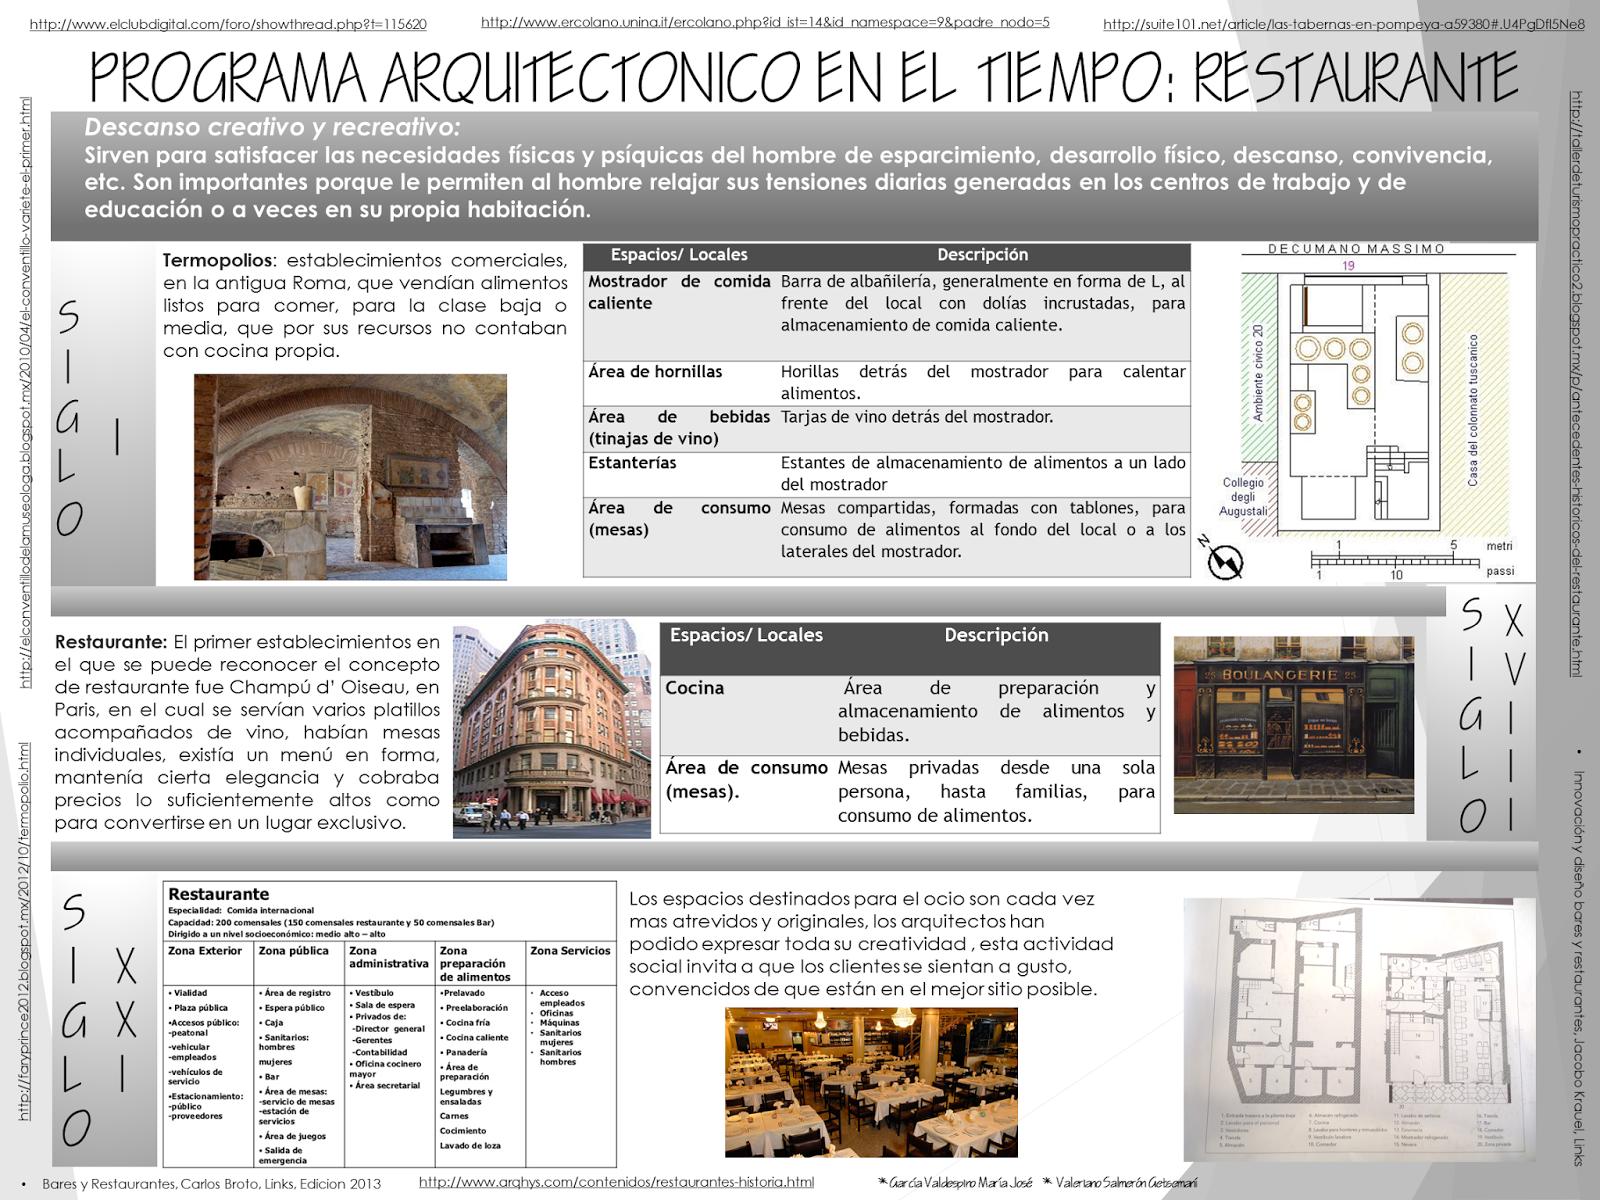 Programas arquitect nicos en el tiempo 2014 2 programa for Programa arquitectonico restaurante